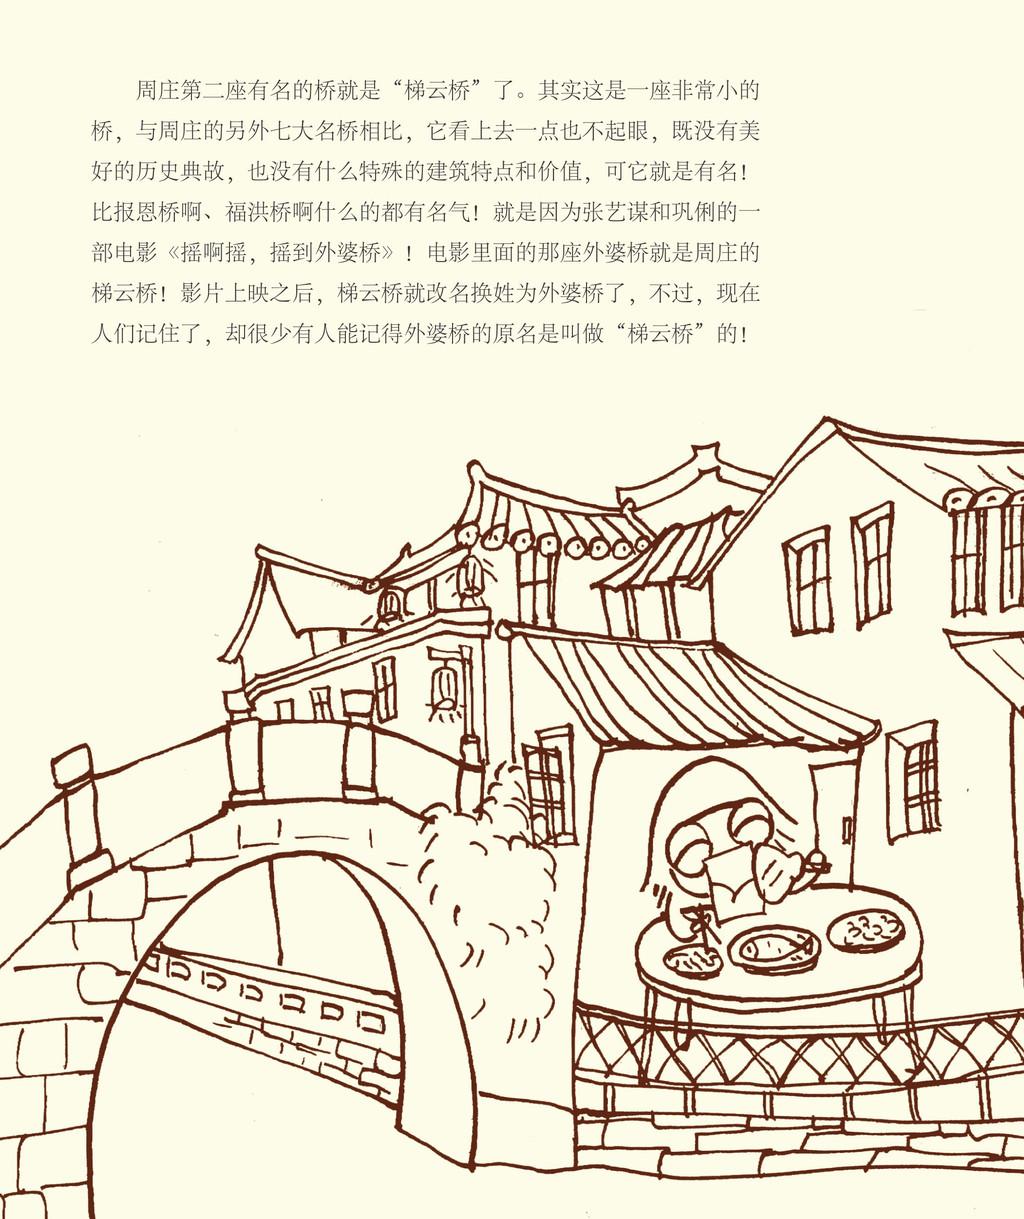 古镇简笔画幼儿园